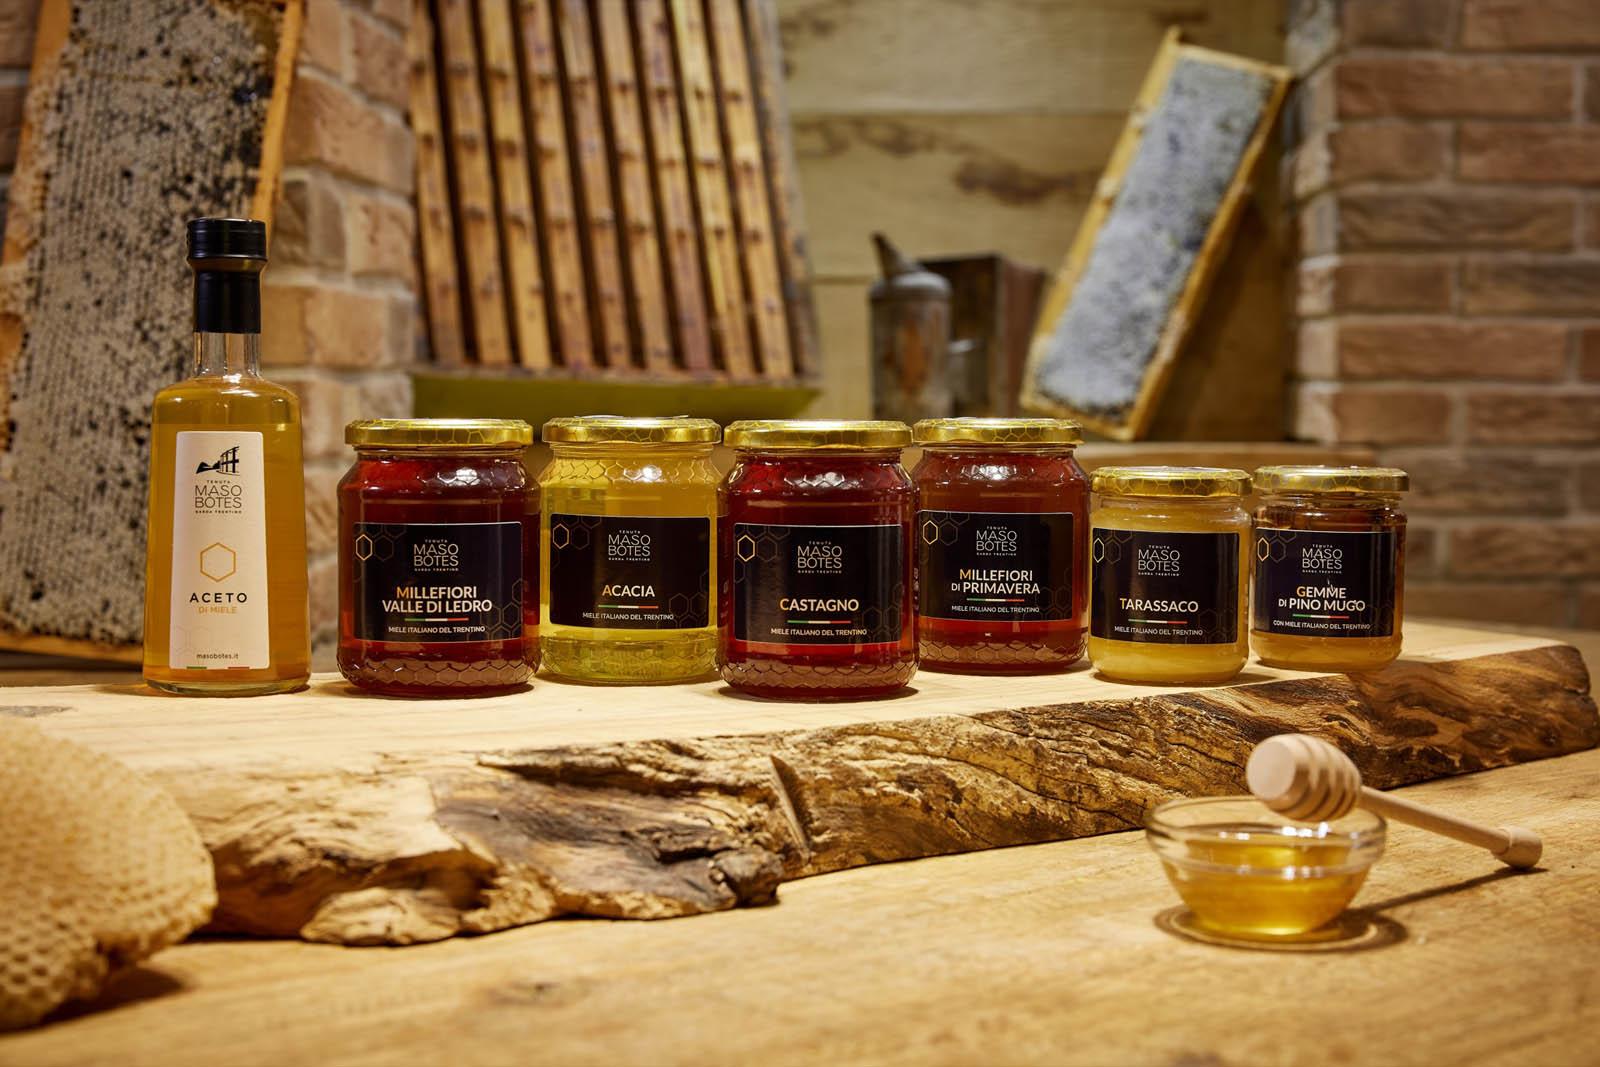 Maso Botes - Mieli del Trentino e Aceto di Miele